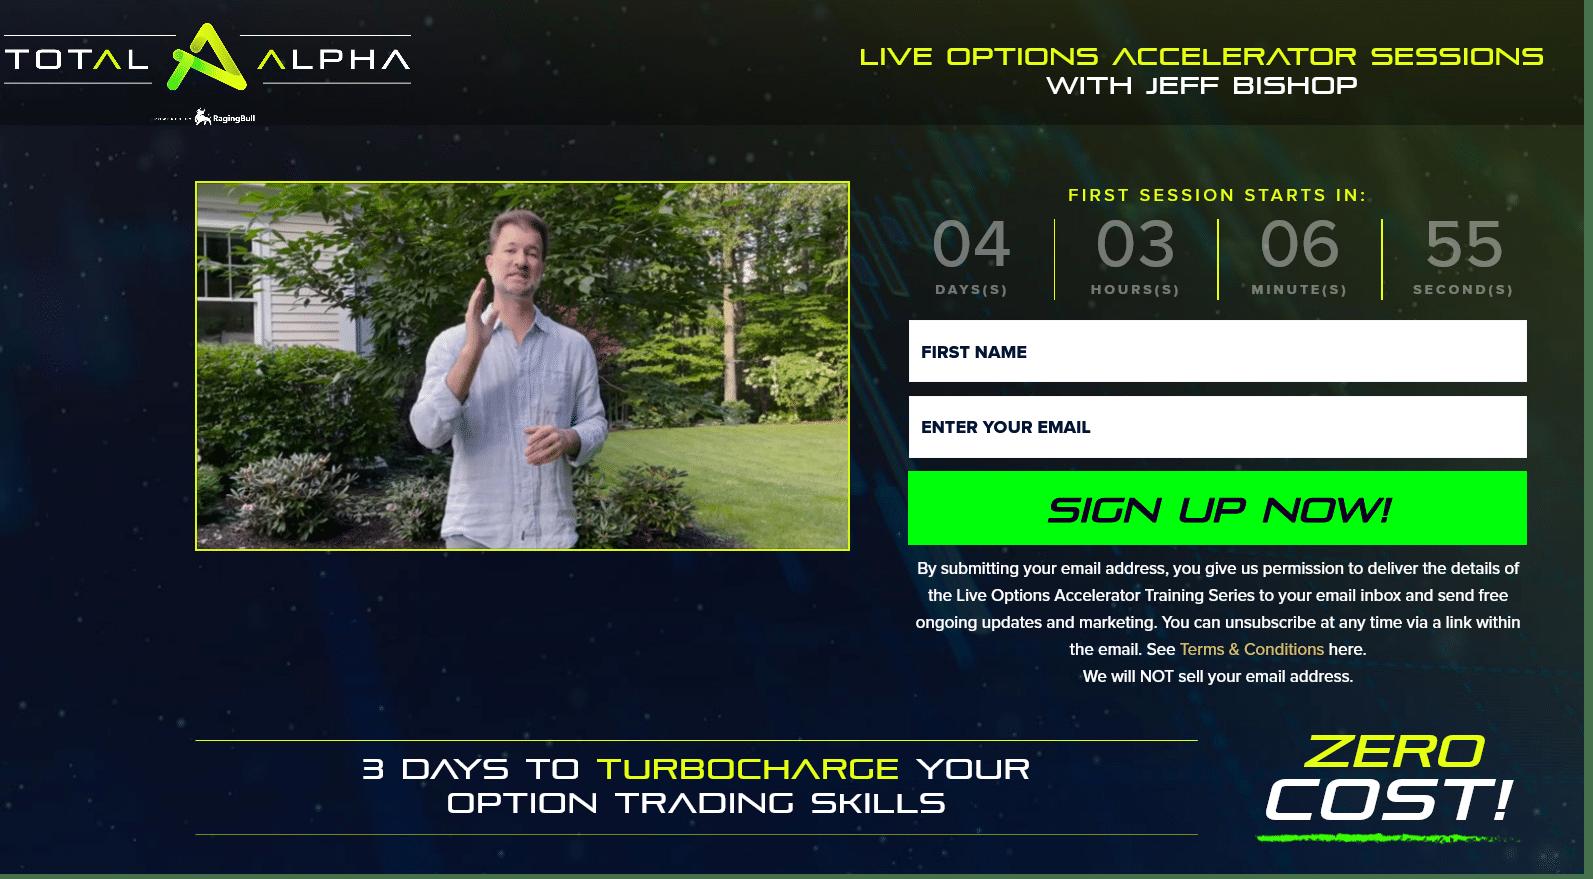 Jeff Bishop's Options Trading Accelerator Workshop